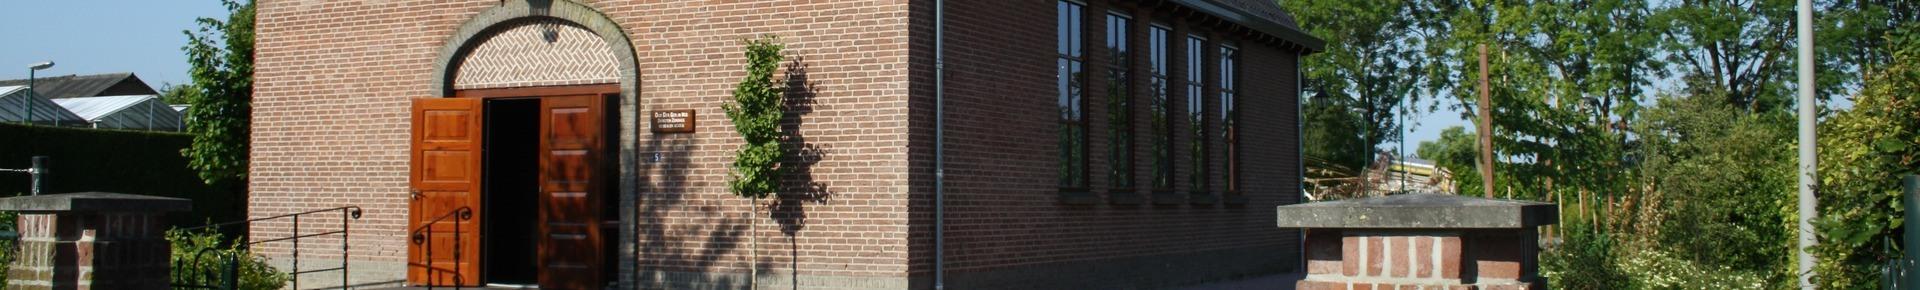 Kerkgebouw Lienden